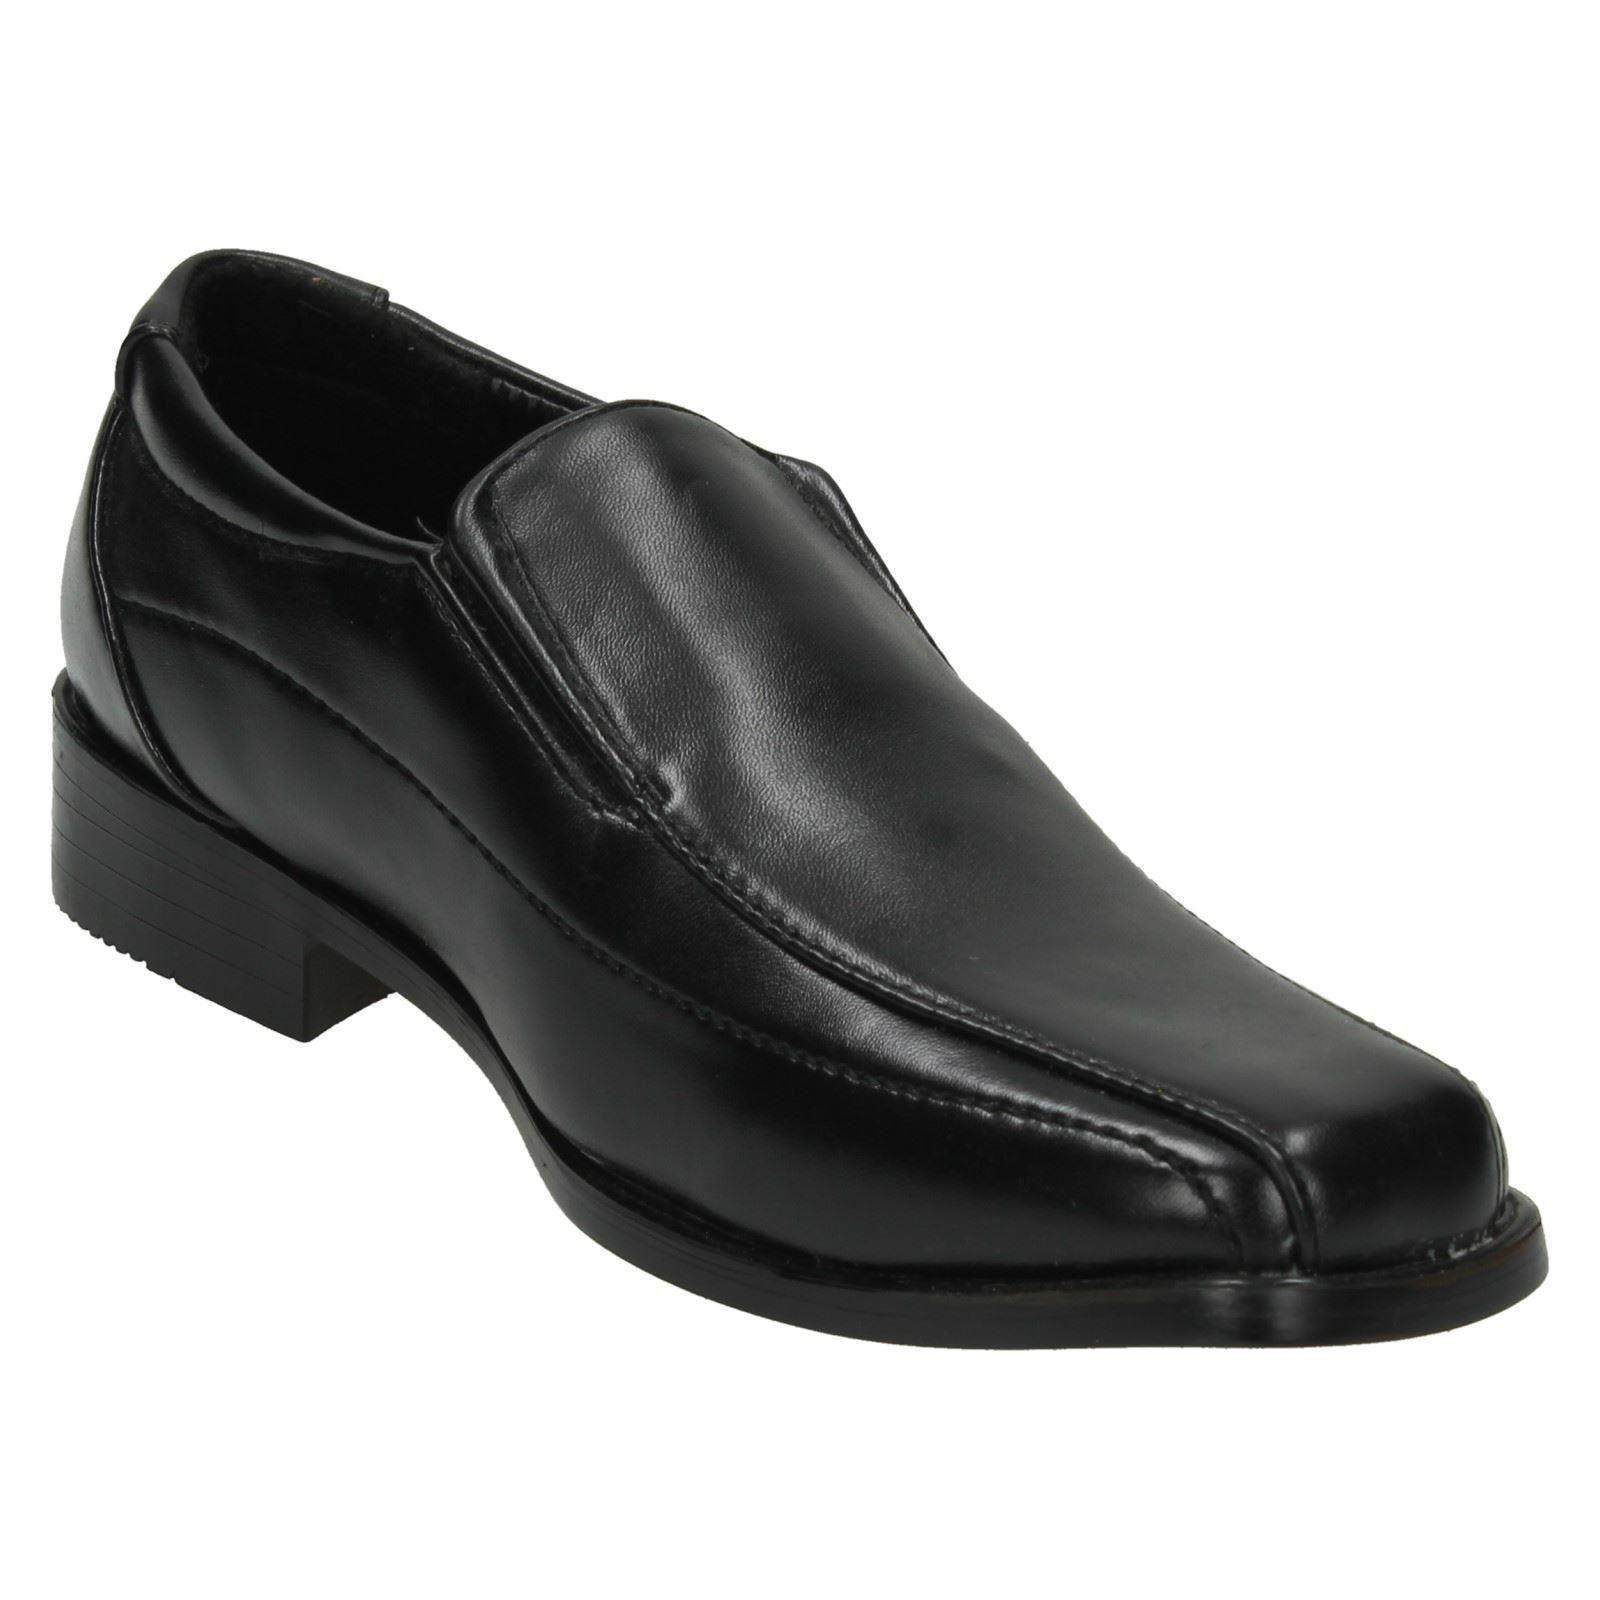 Detalles De Niños Jcdees Zapatos De Vestir Sin Cordones N1077